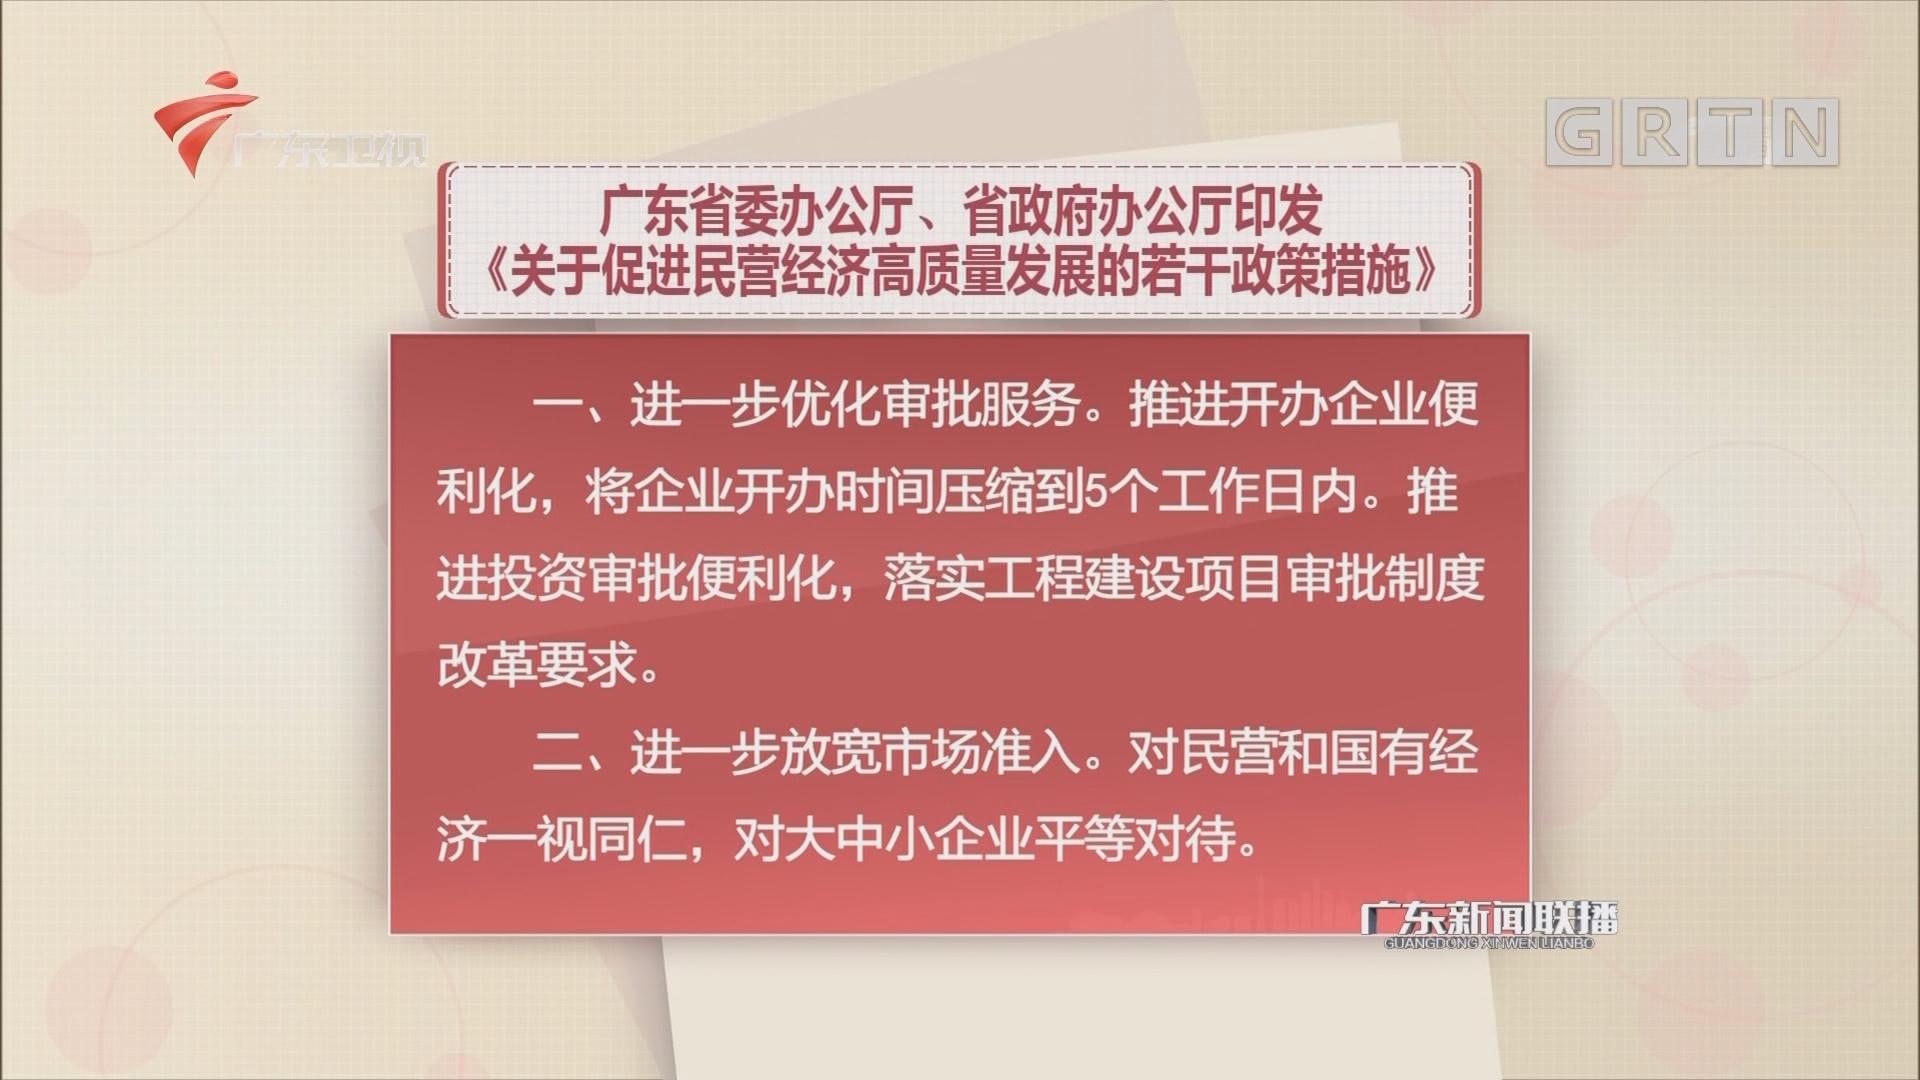 广东省委办公厅、省政府办公厅印发《关于促进民营经济高质量发展的若干政策措施》